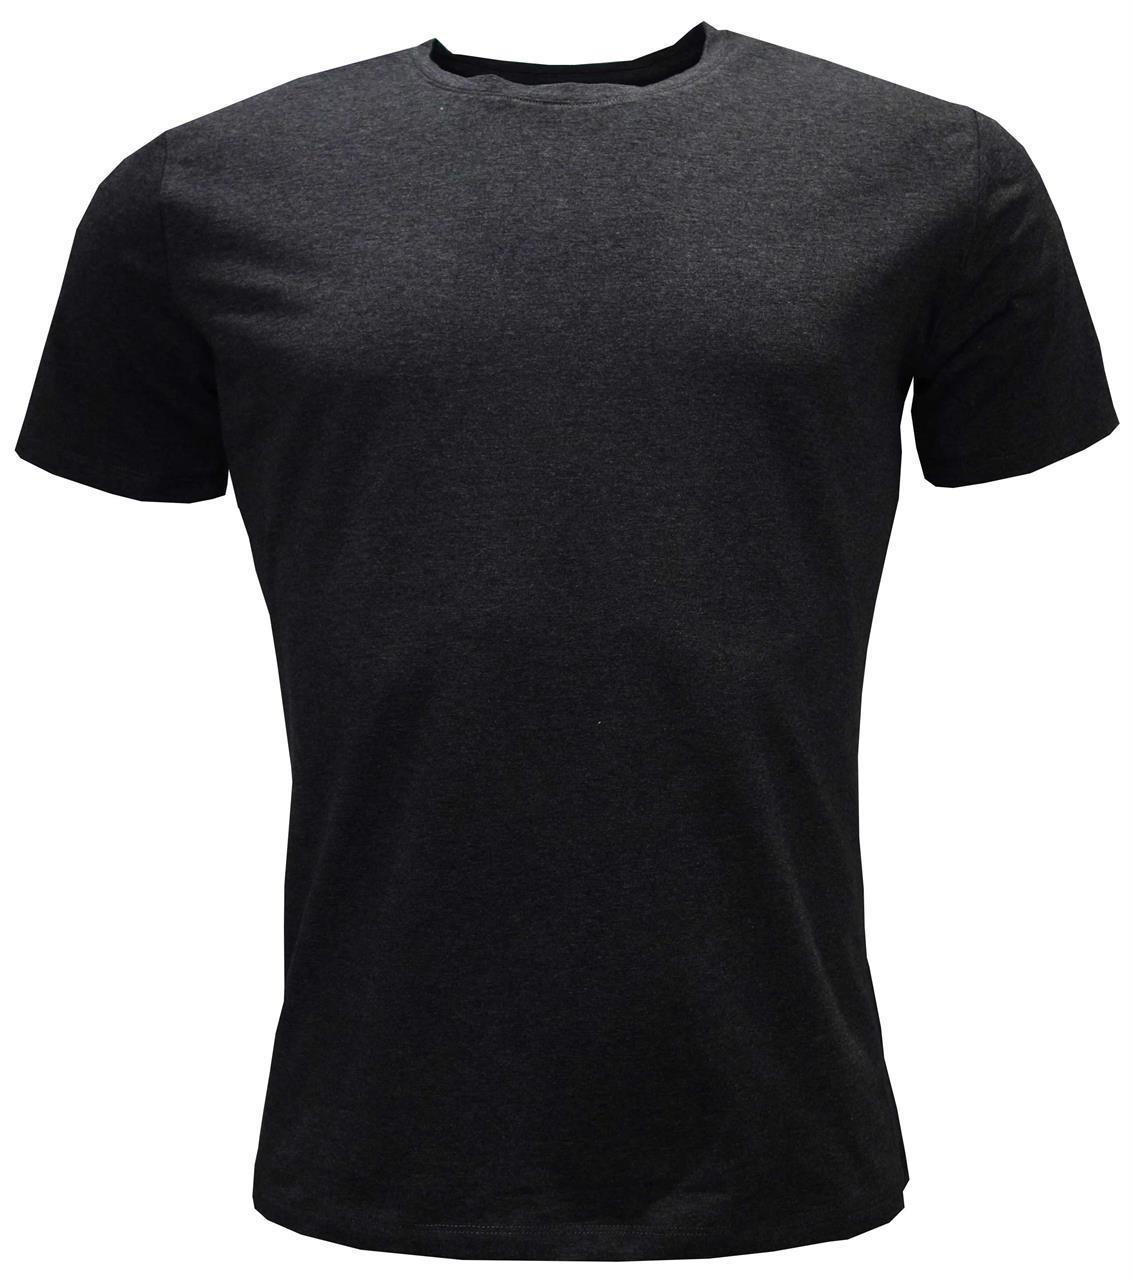 T-shirt 1720 Cox melange S